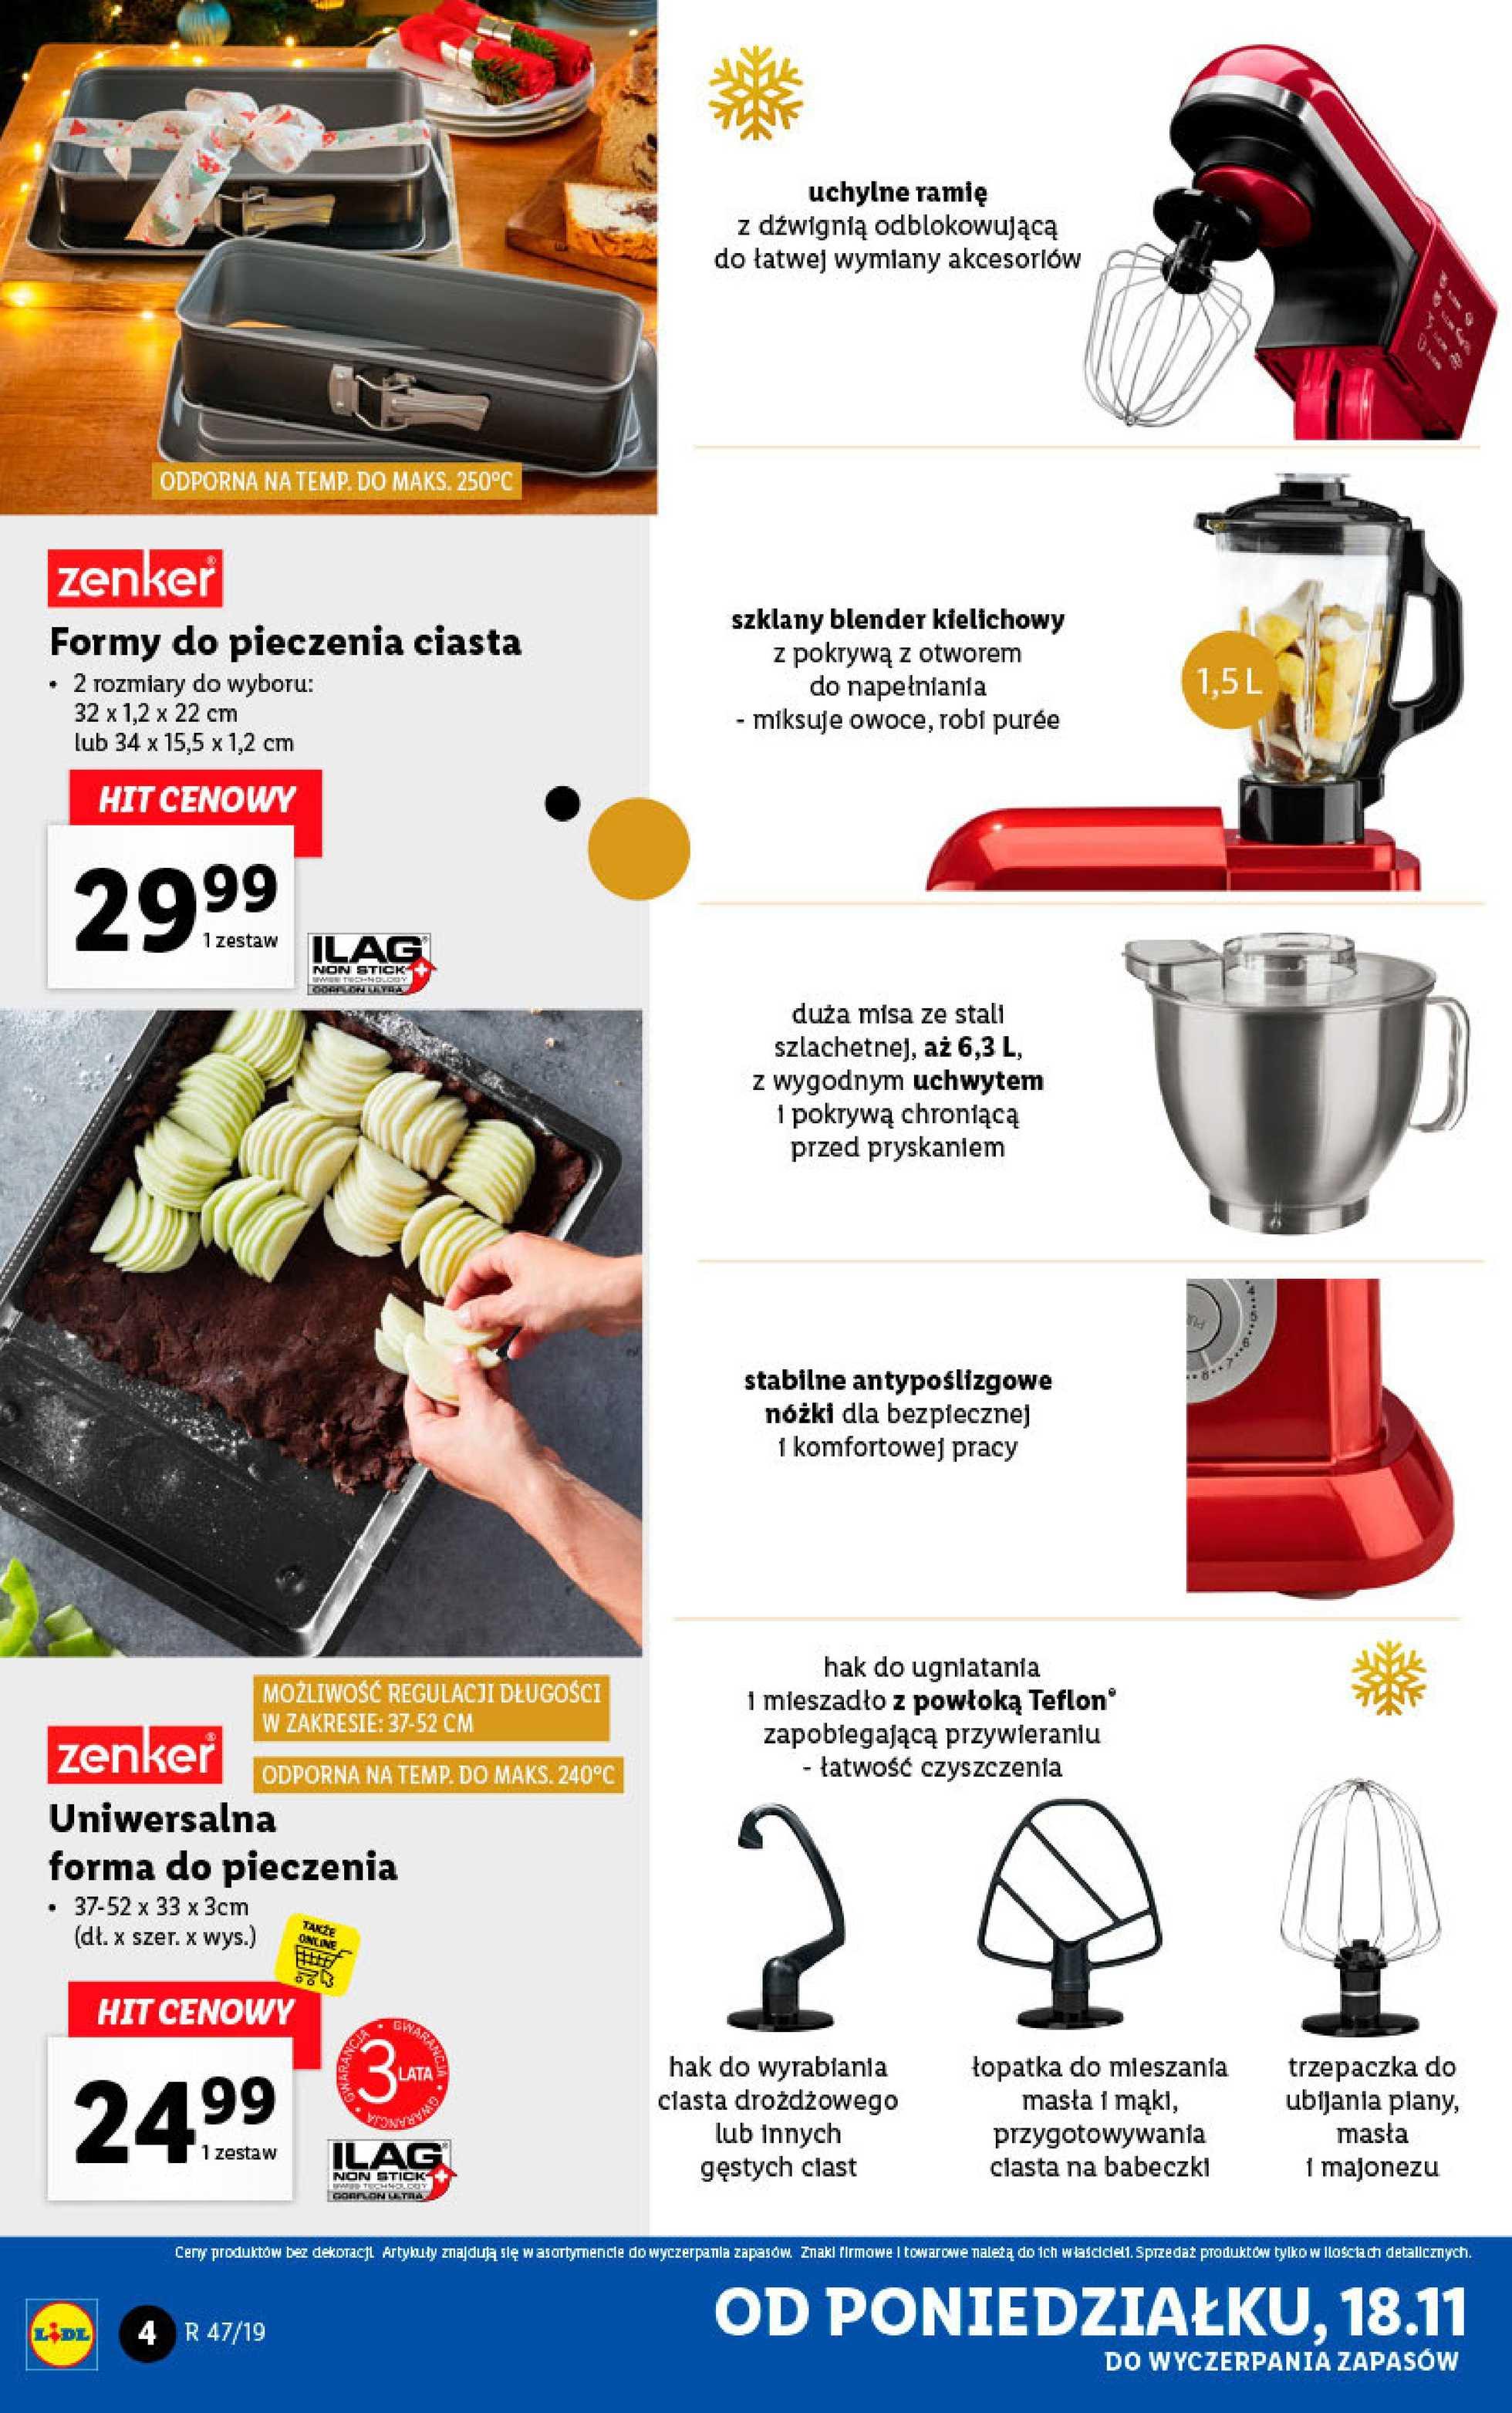 Lidl - gazetka promocyjna ważna od 18.11.2019 do 24.11.2019 - strona 4.